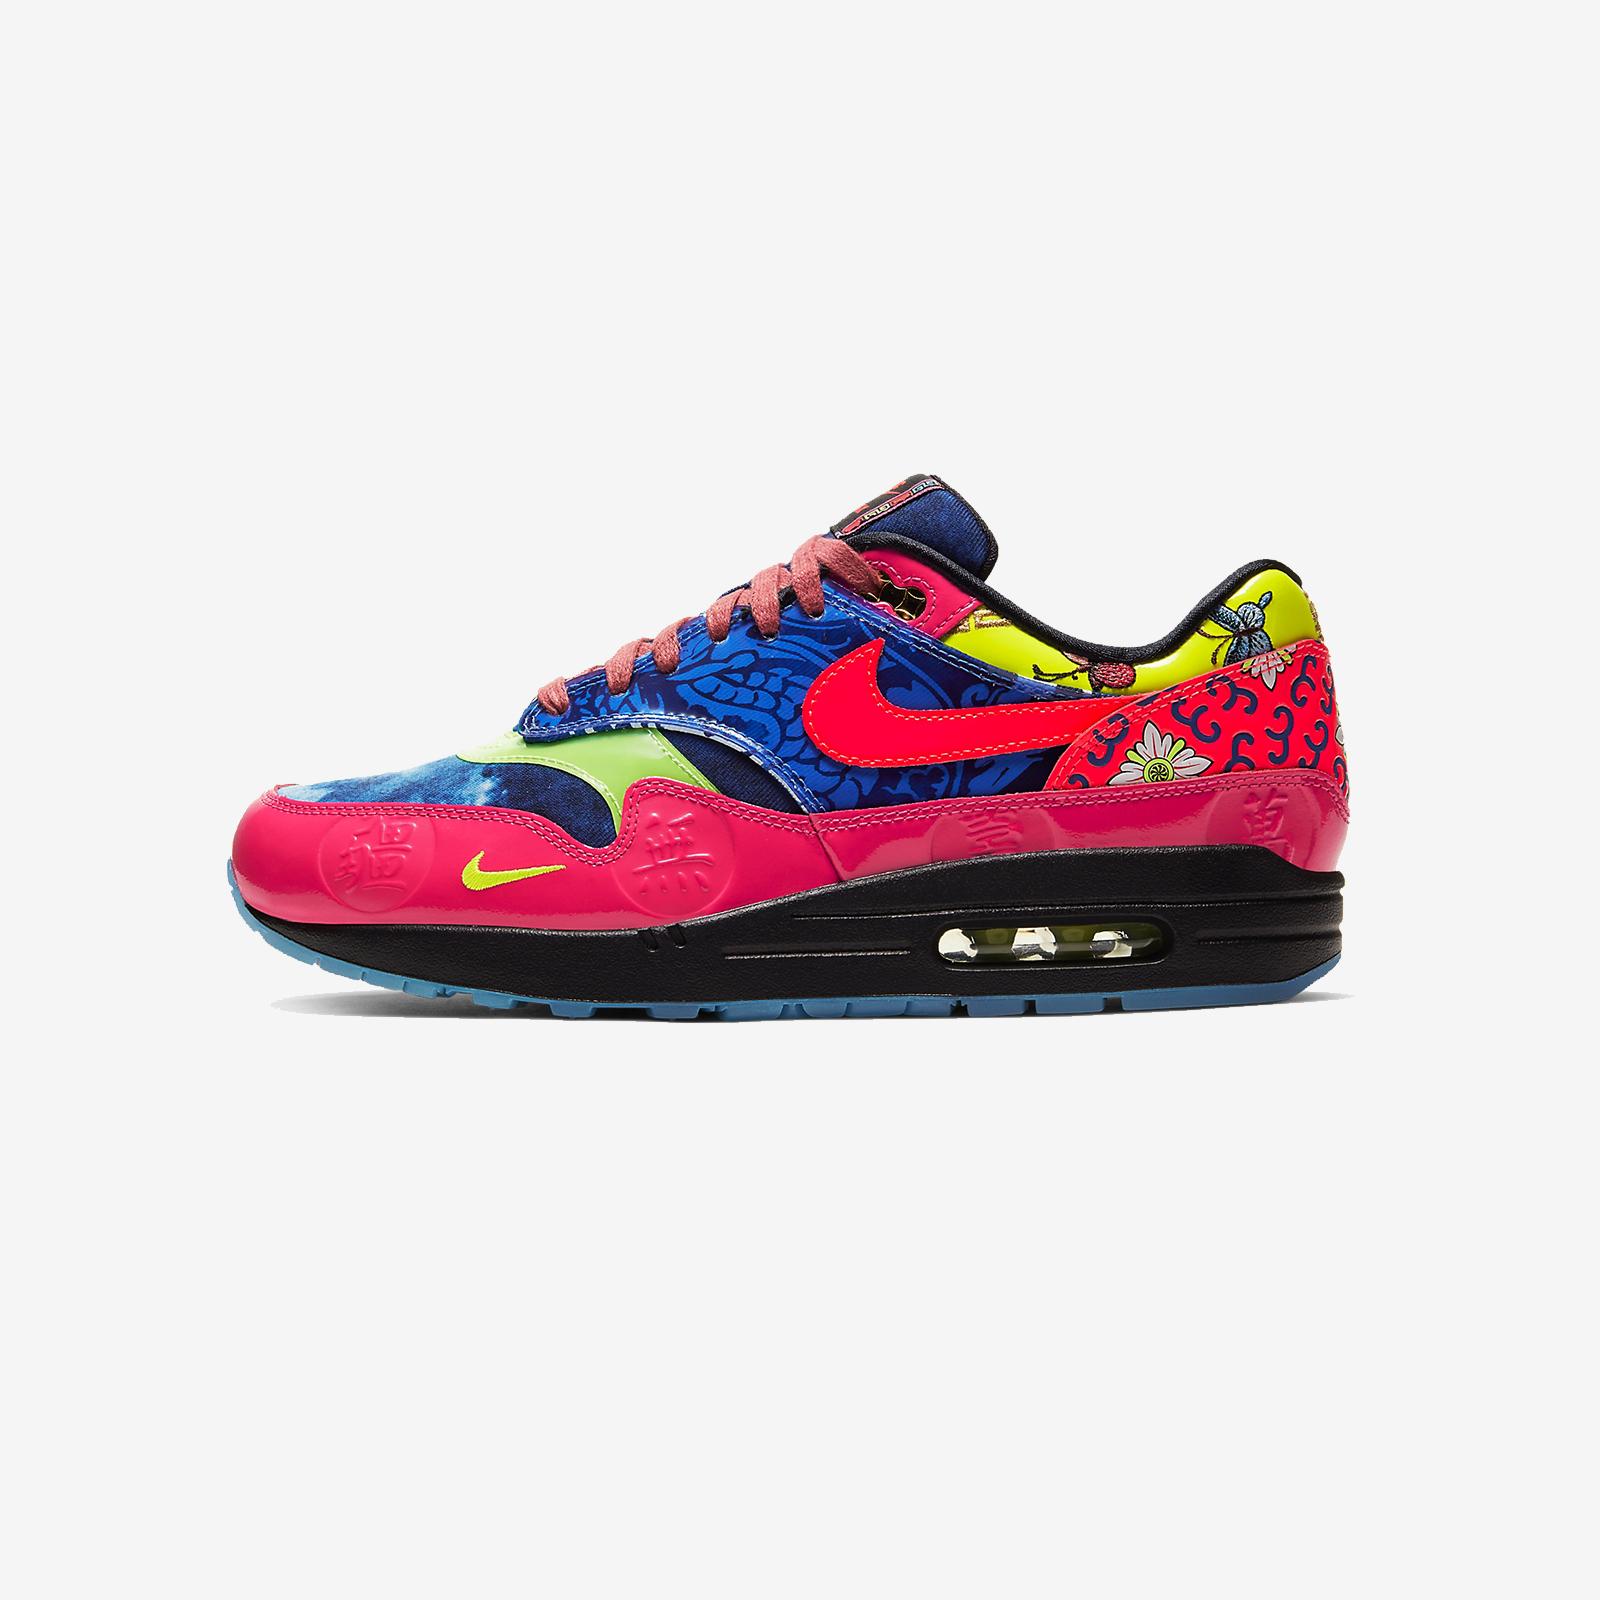 Nike Air Max 1 Premium Cu8861 460 Sneakersnstuff